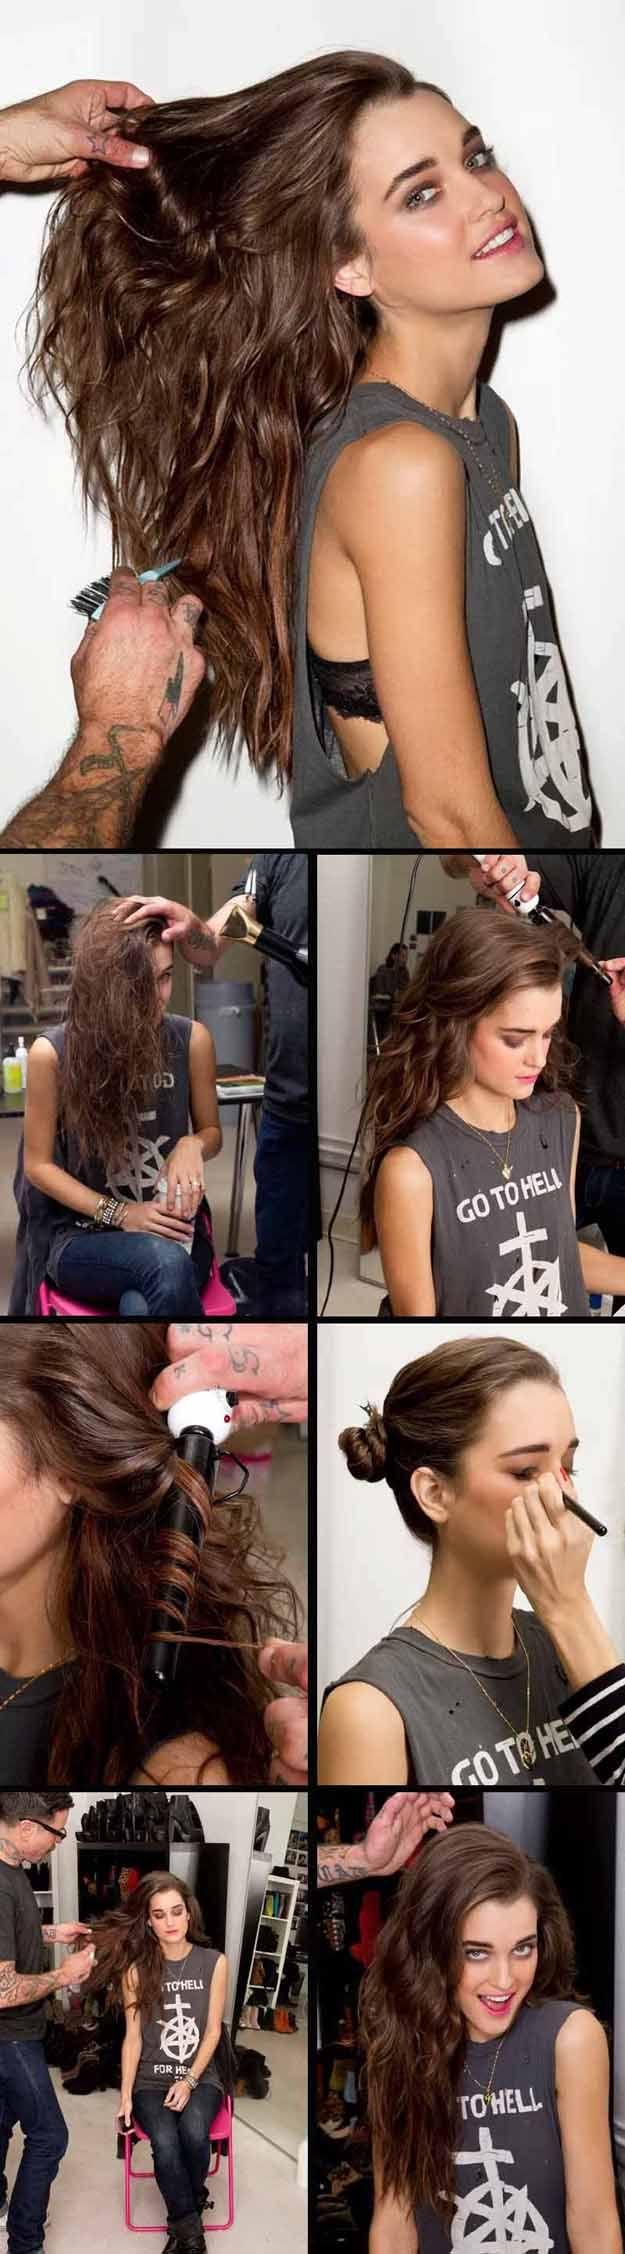 Long Wavy Hairstyles - Big Messy Waves - Beautiful Long Layered Haircuts And Lon...